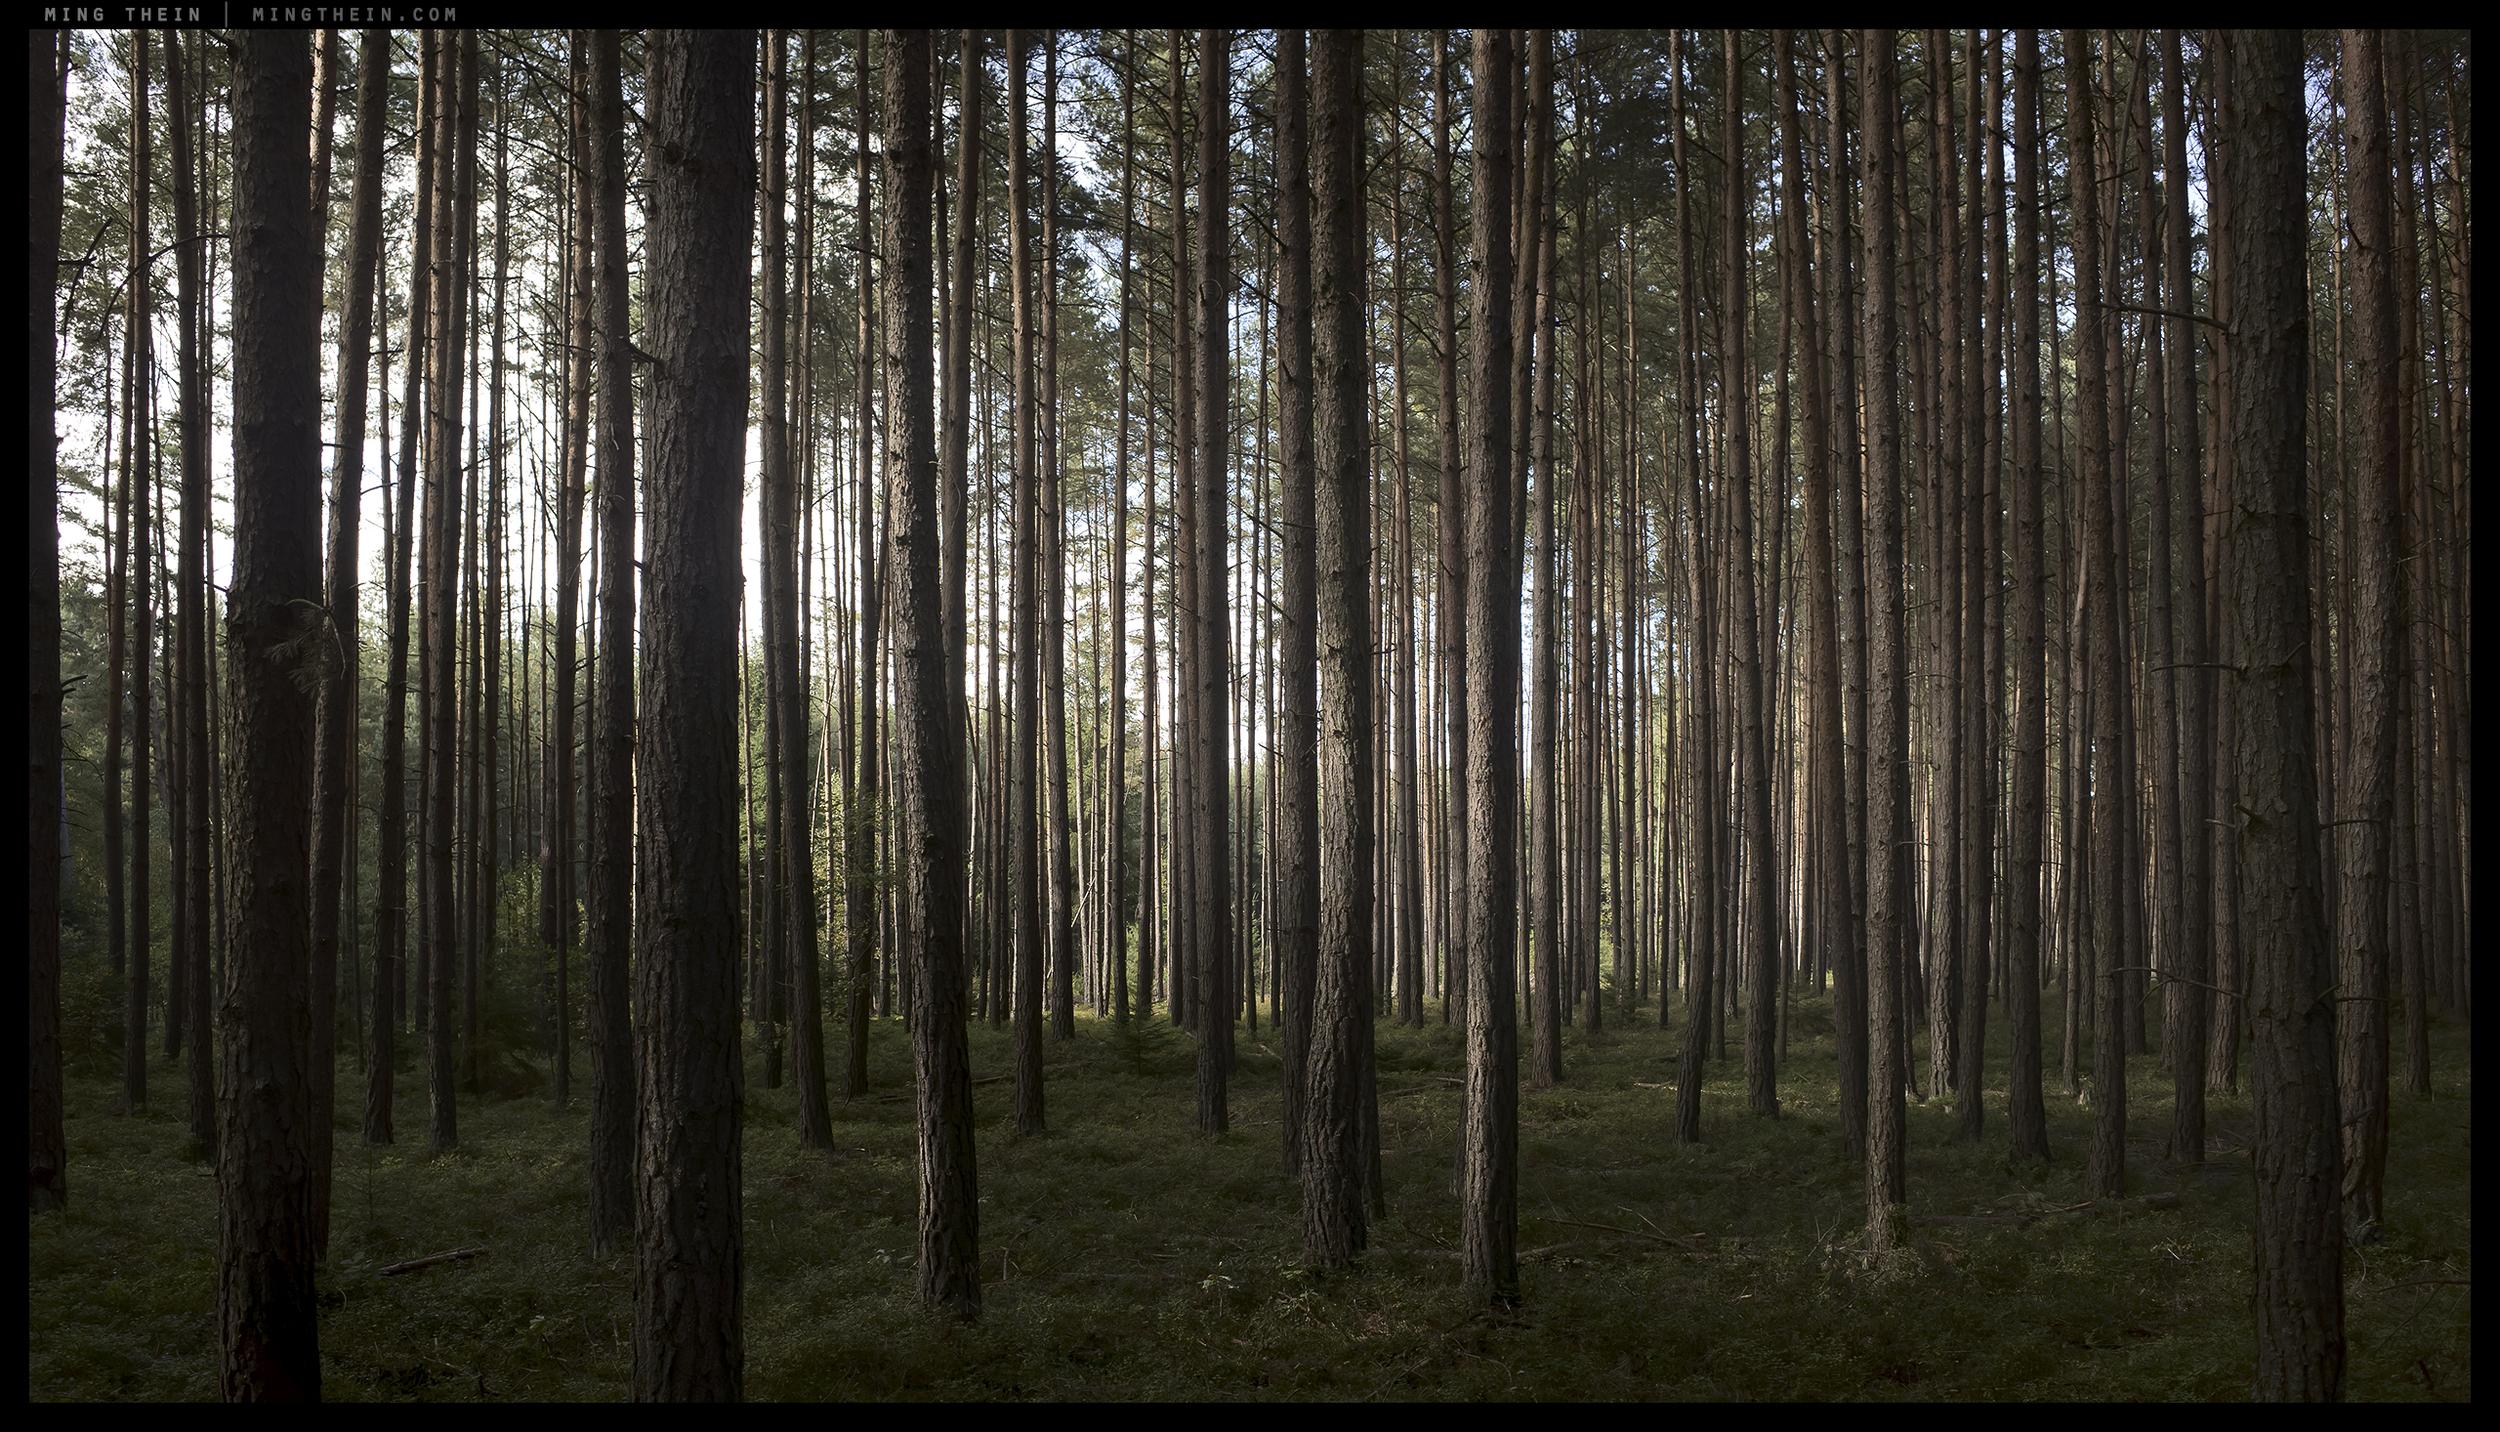 _G002003 forest I.jpg